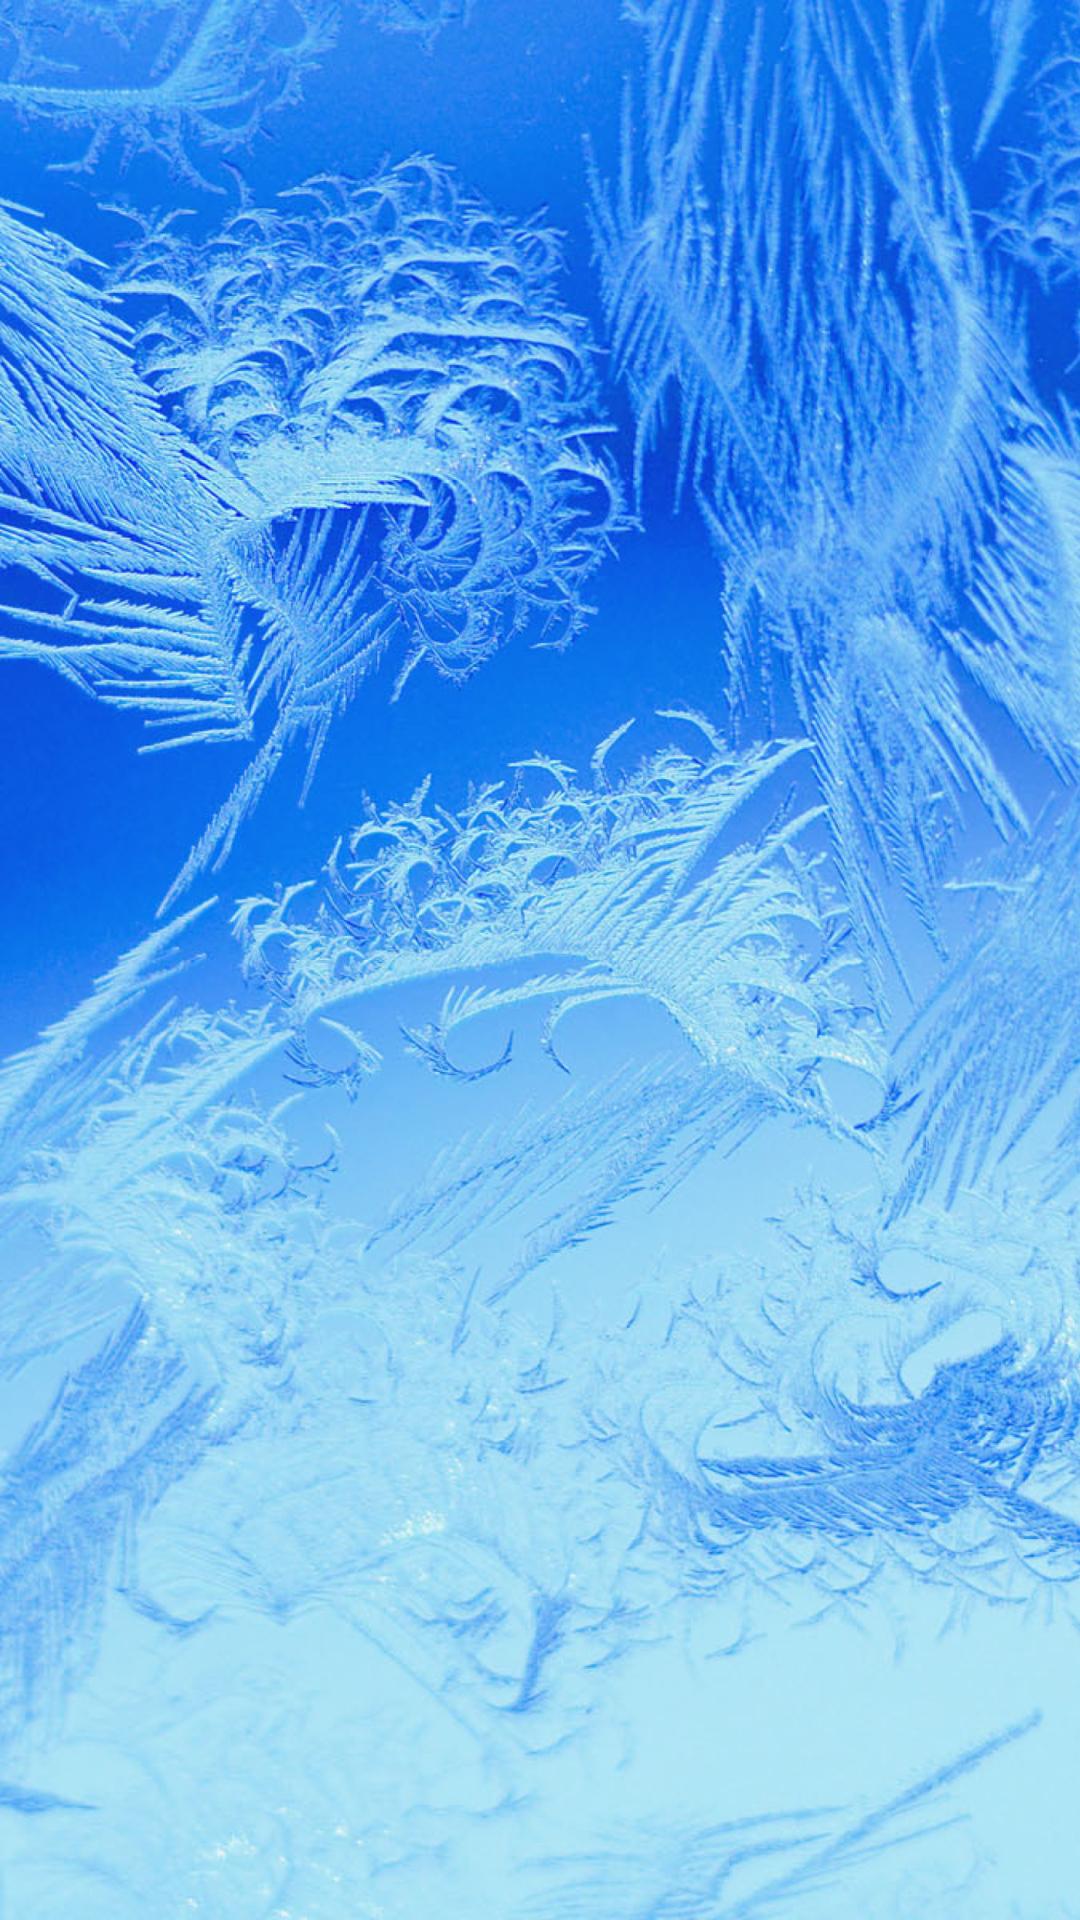 картинки для самсунга зима останавлиаемся хорошем